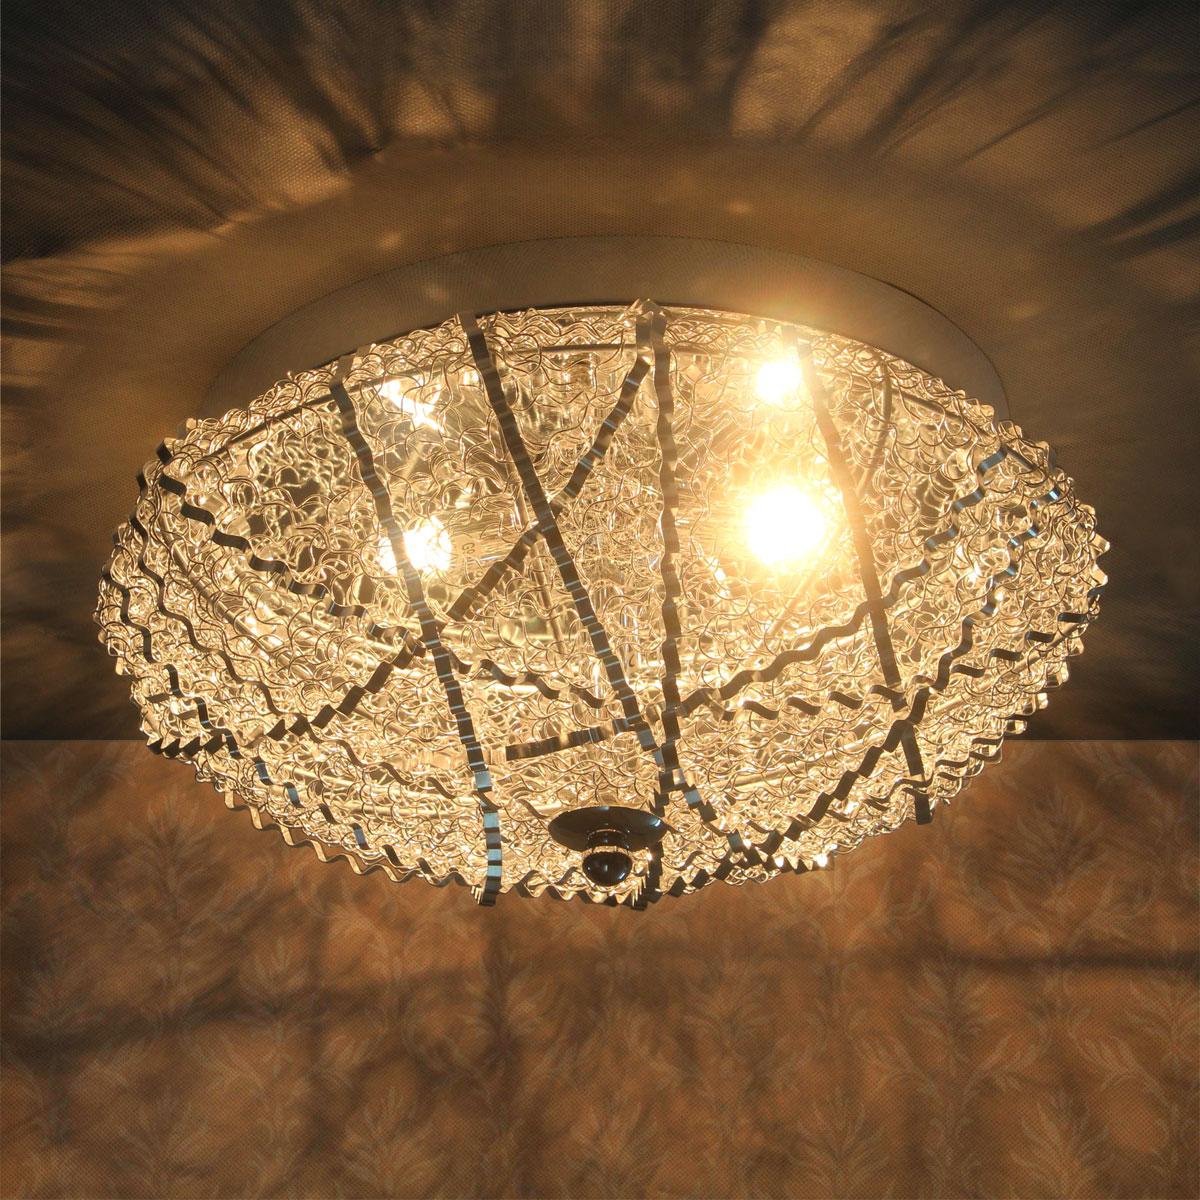 Deckenleuchte Kristallglas Led LuxproR Decken Lampe Leuchte Mesh Kristall Chrom